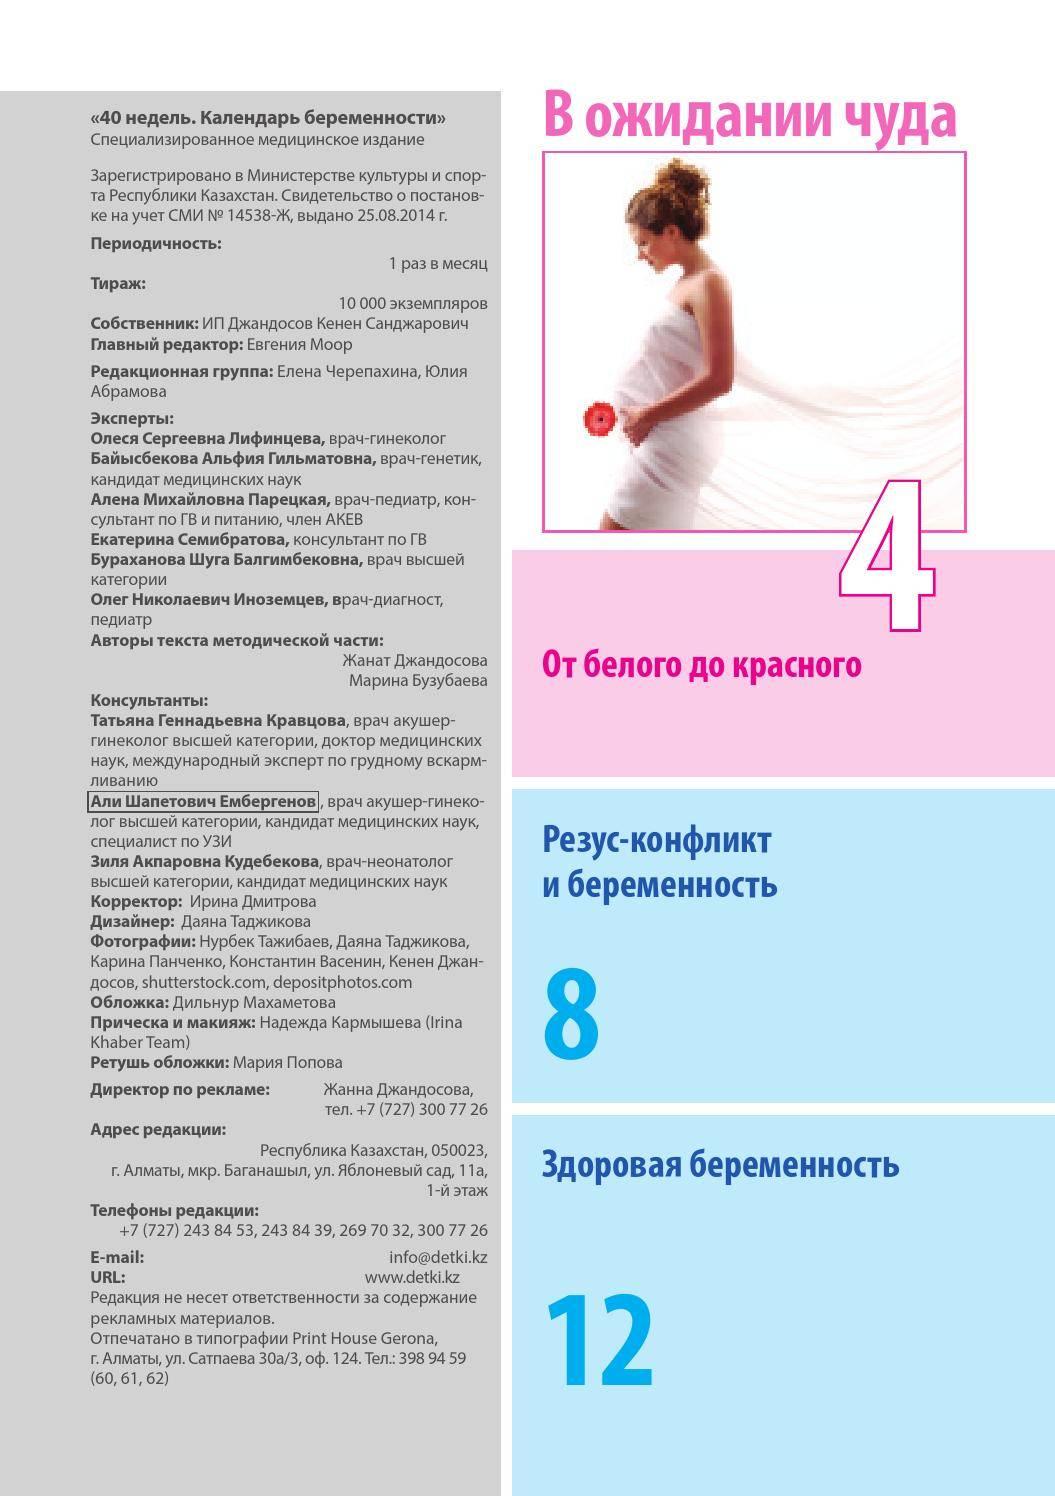 Постановка на учет по беременности ранняя. выплаты 2020, как происходит, какие анализы сдавать